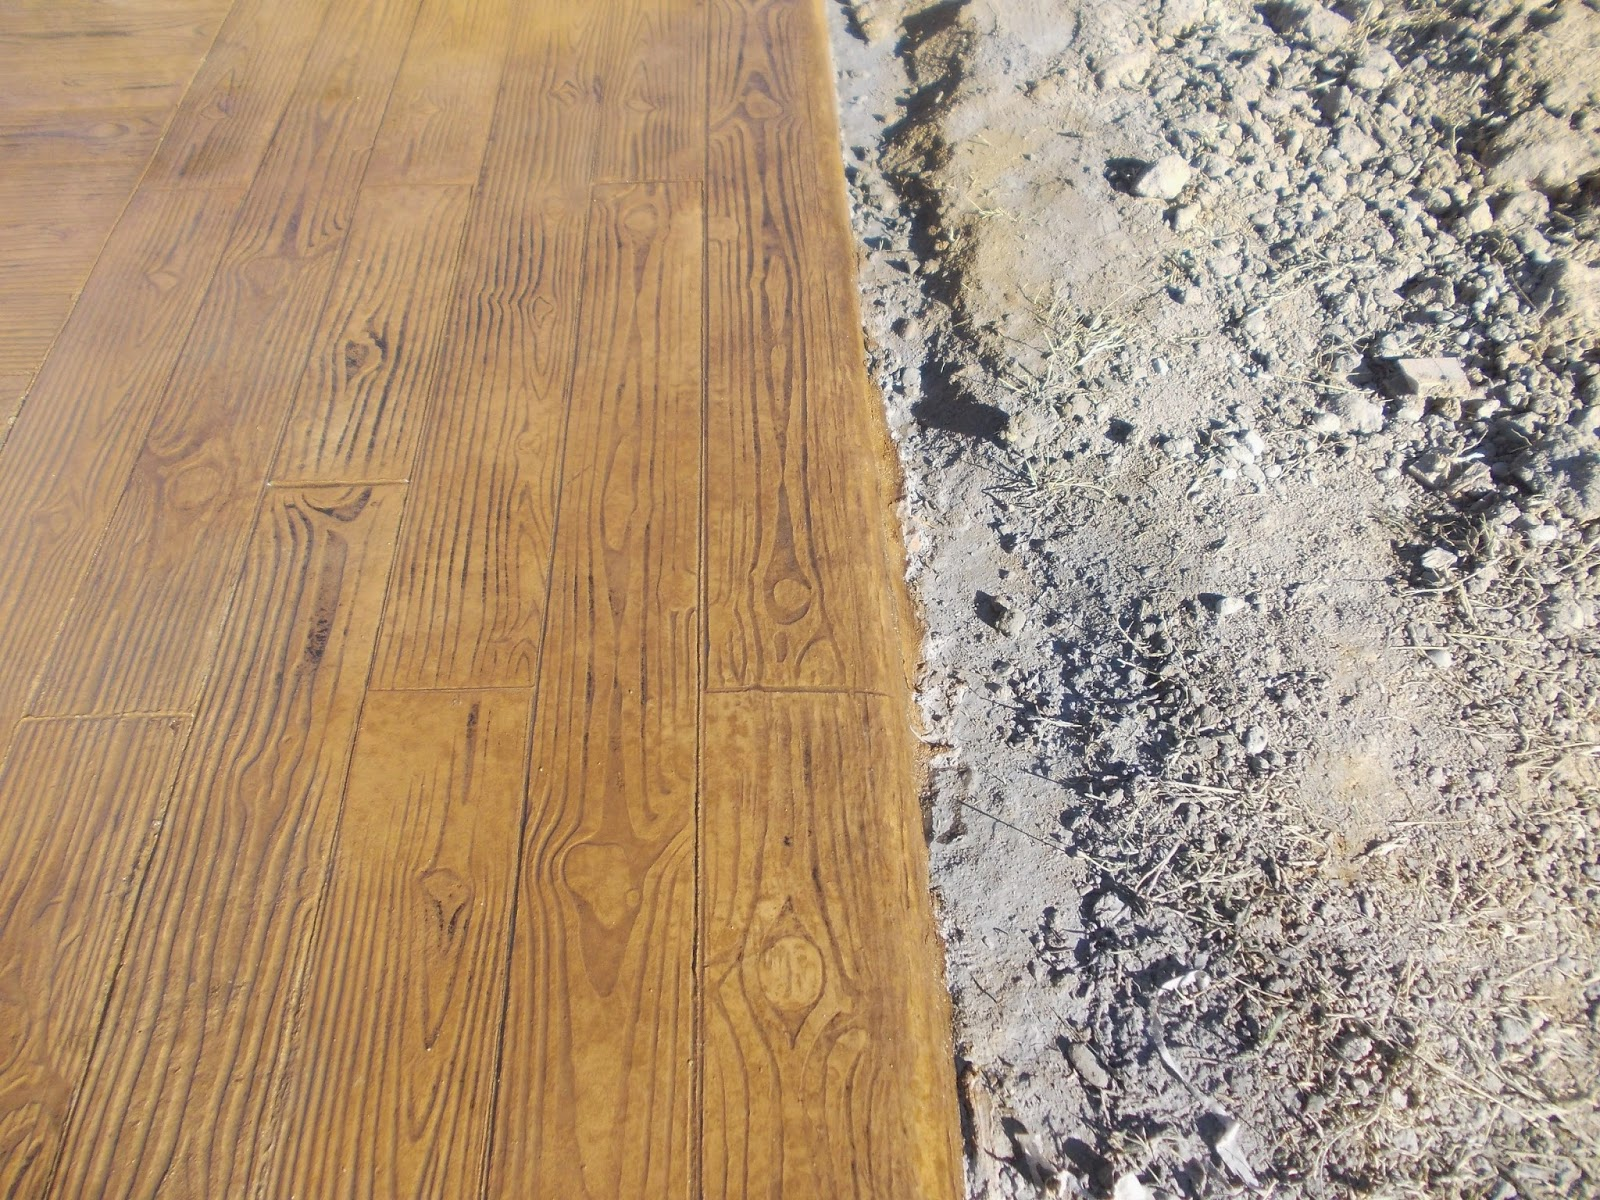 Pavimento continuo de hormig n impreso tabla de madera en for Hormigon impreso sobre hormigon